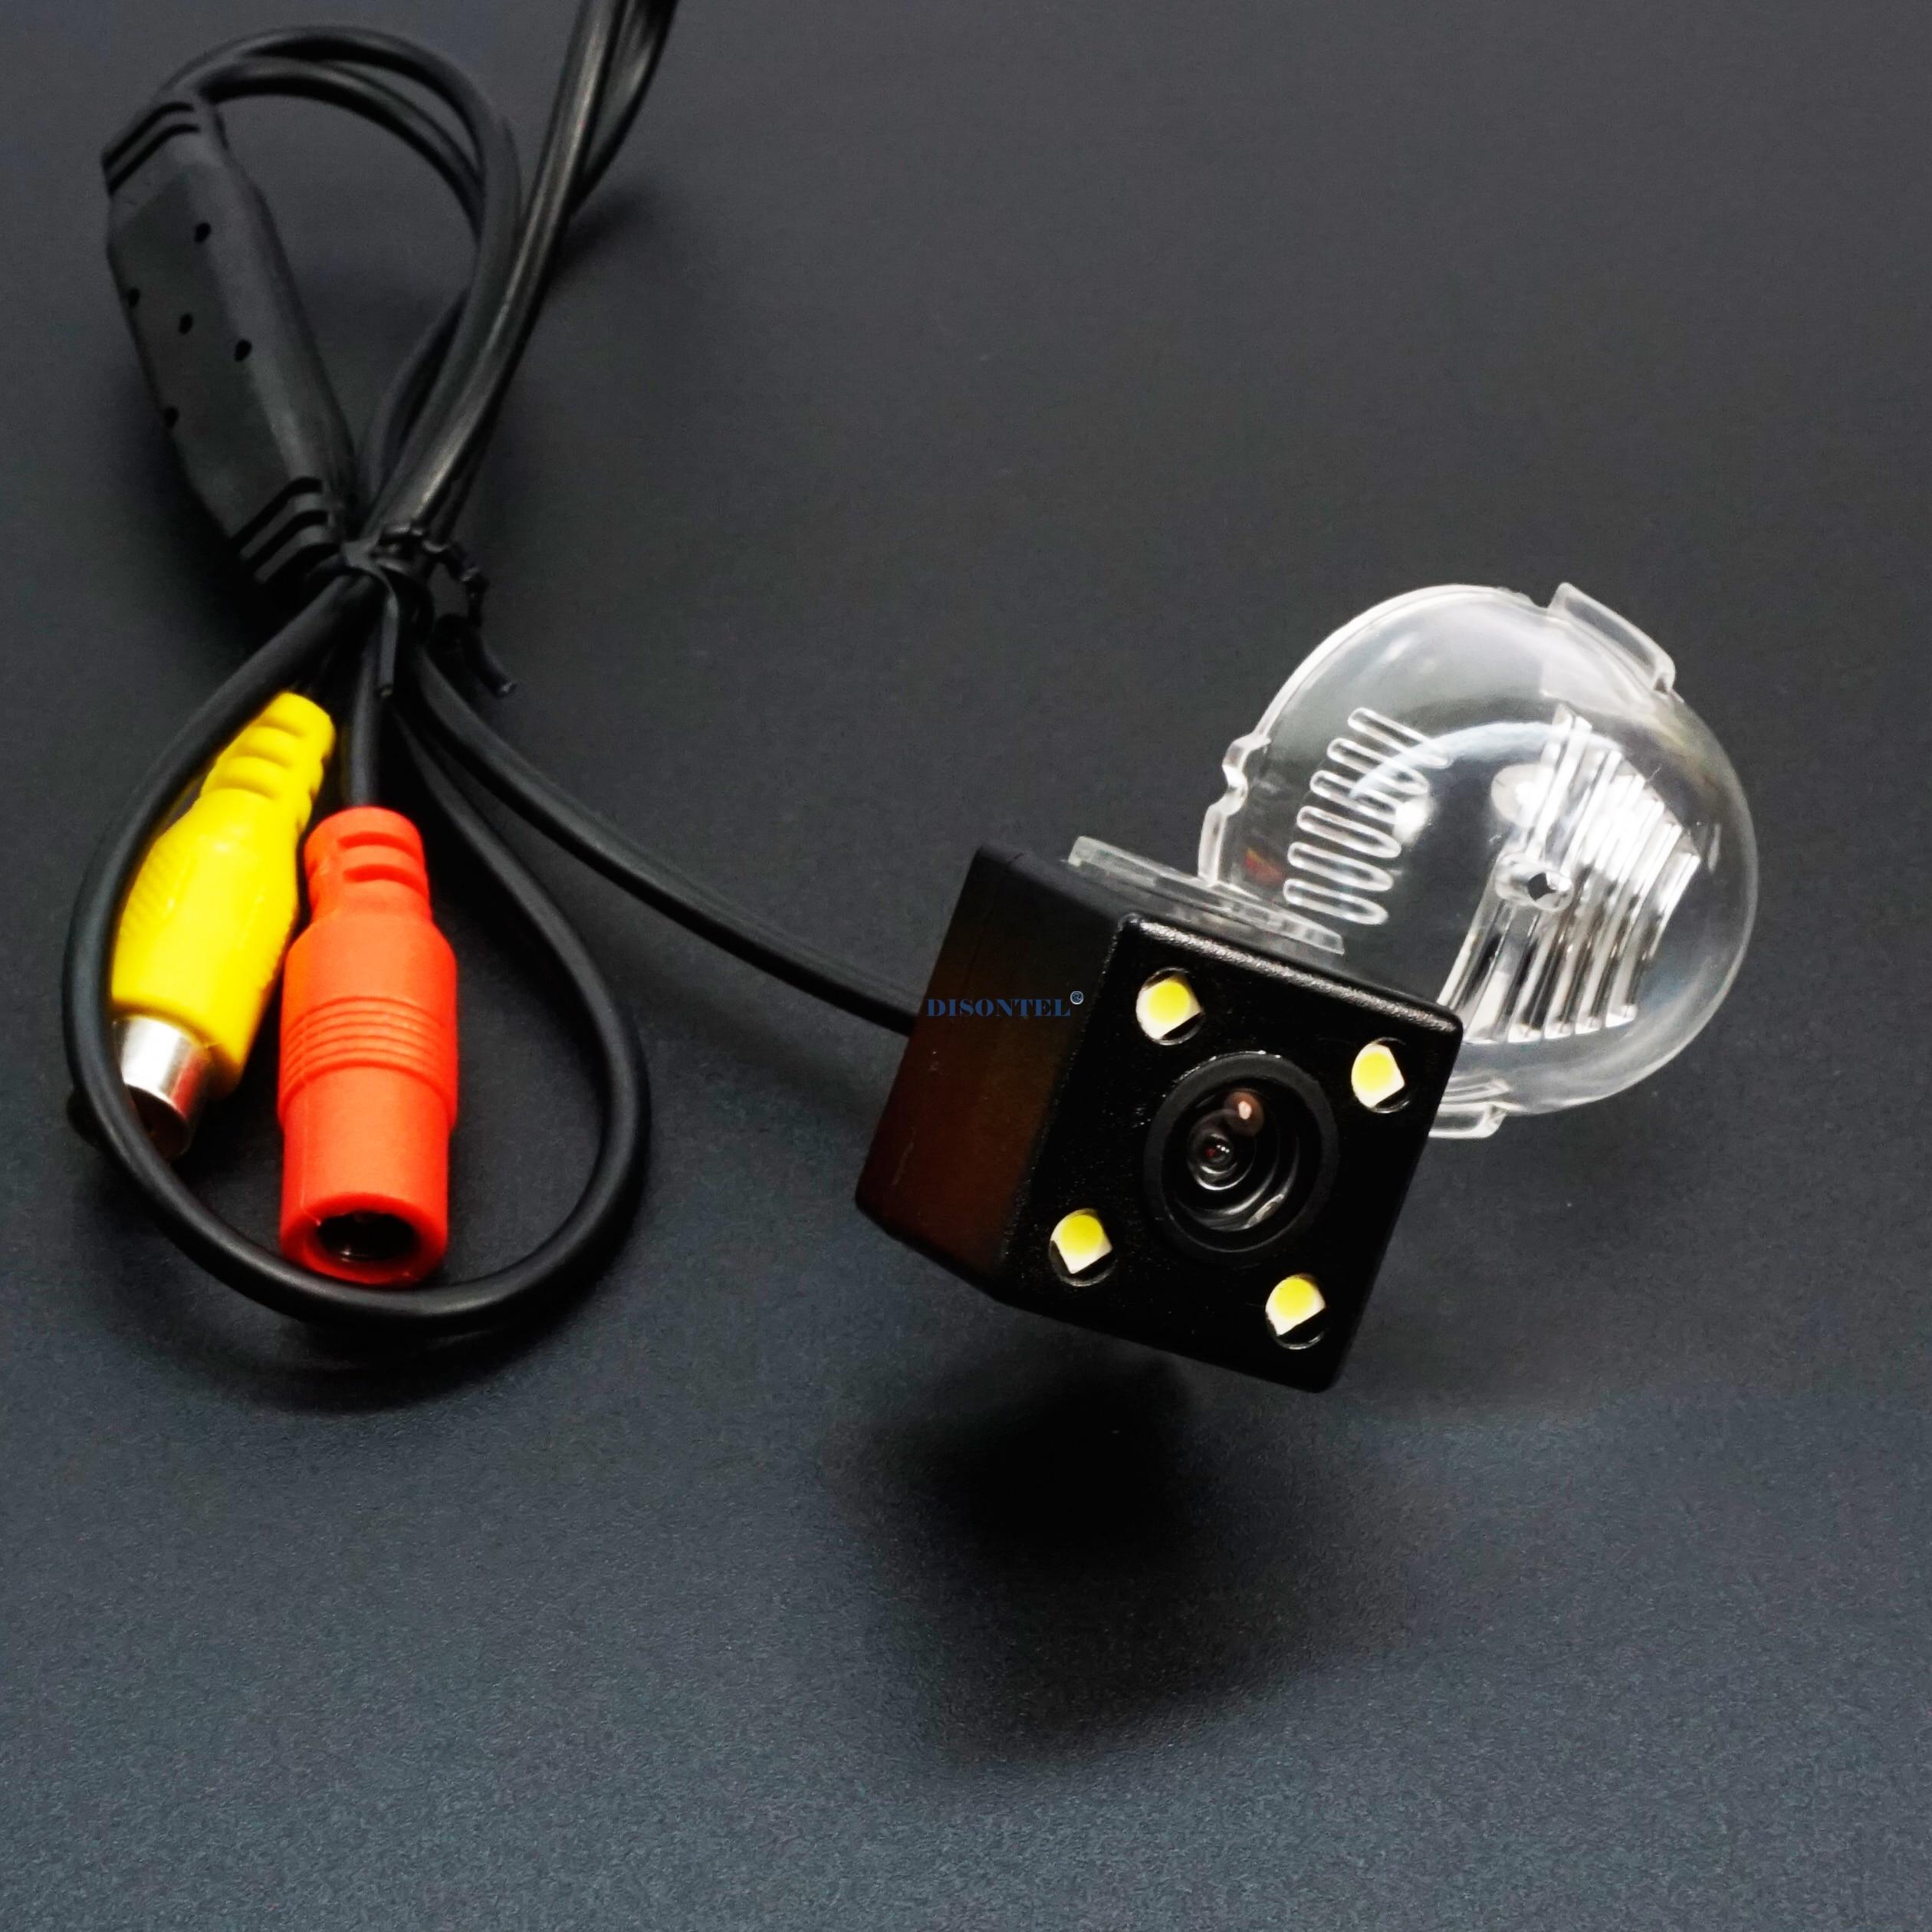 imágenes para Para suzuki grand vitara/sx4 hatchback cámara de visión trasera ccd con led de visión nocturna de coches pakring asssit